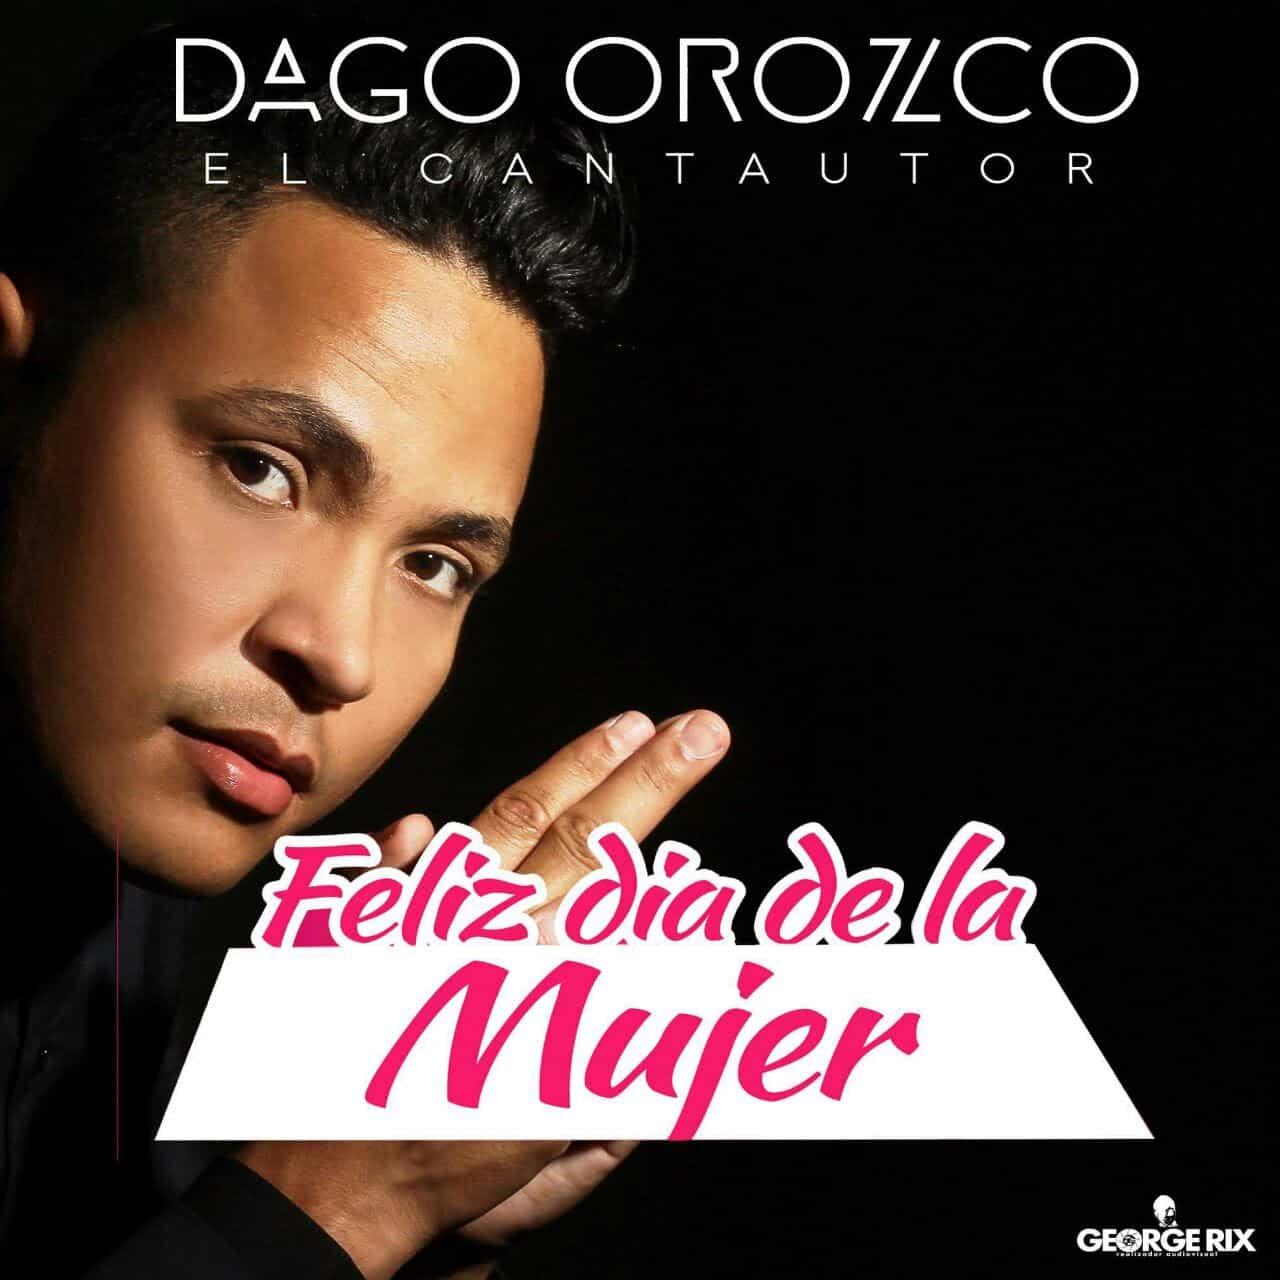 Dago Orozco felicita a la mujer en su dia